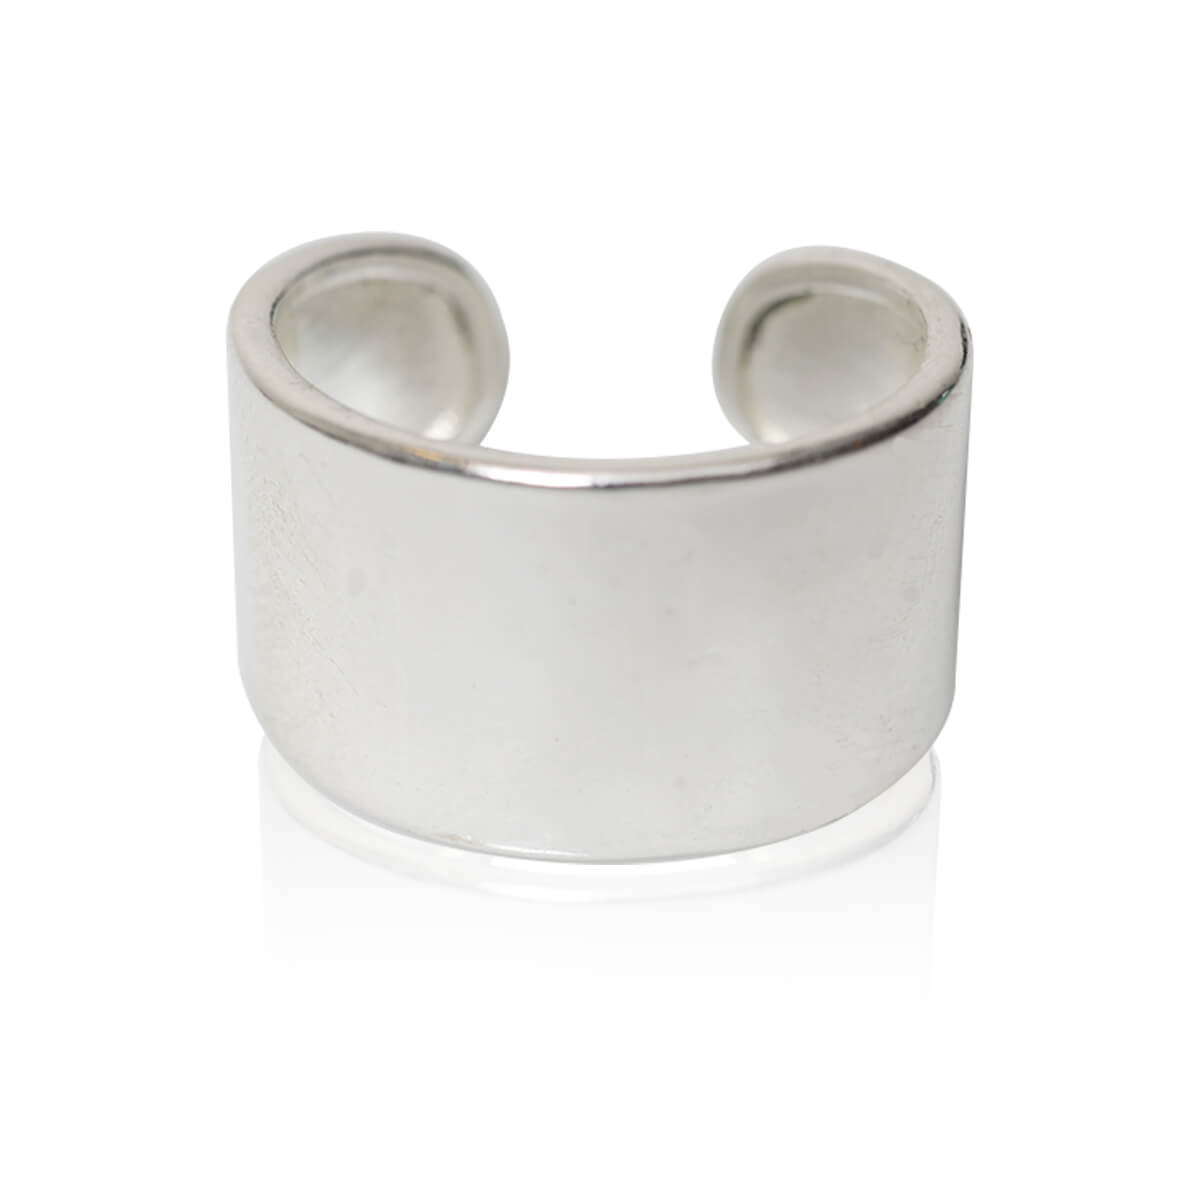 טבעת קלאסית חלקה ציפוי כסף 925 עם חותמת, טבעת פתוחה מתאימה לכל המידות